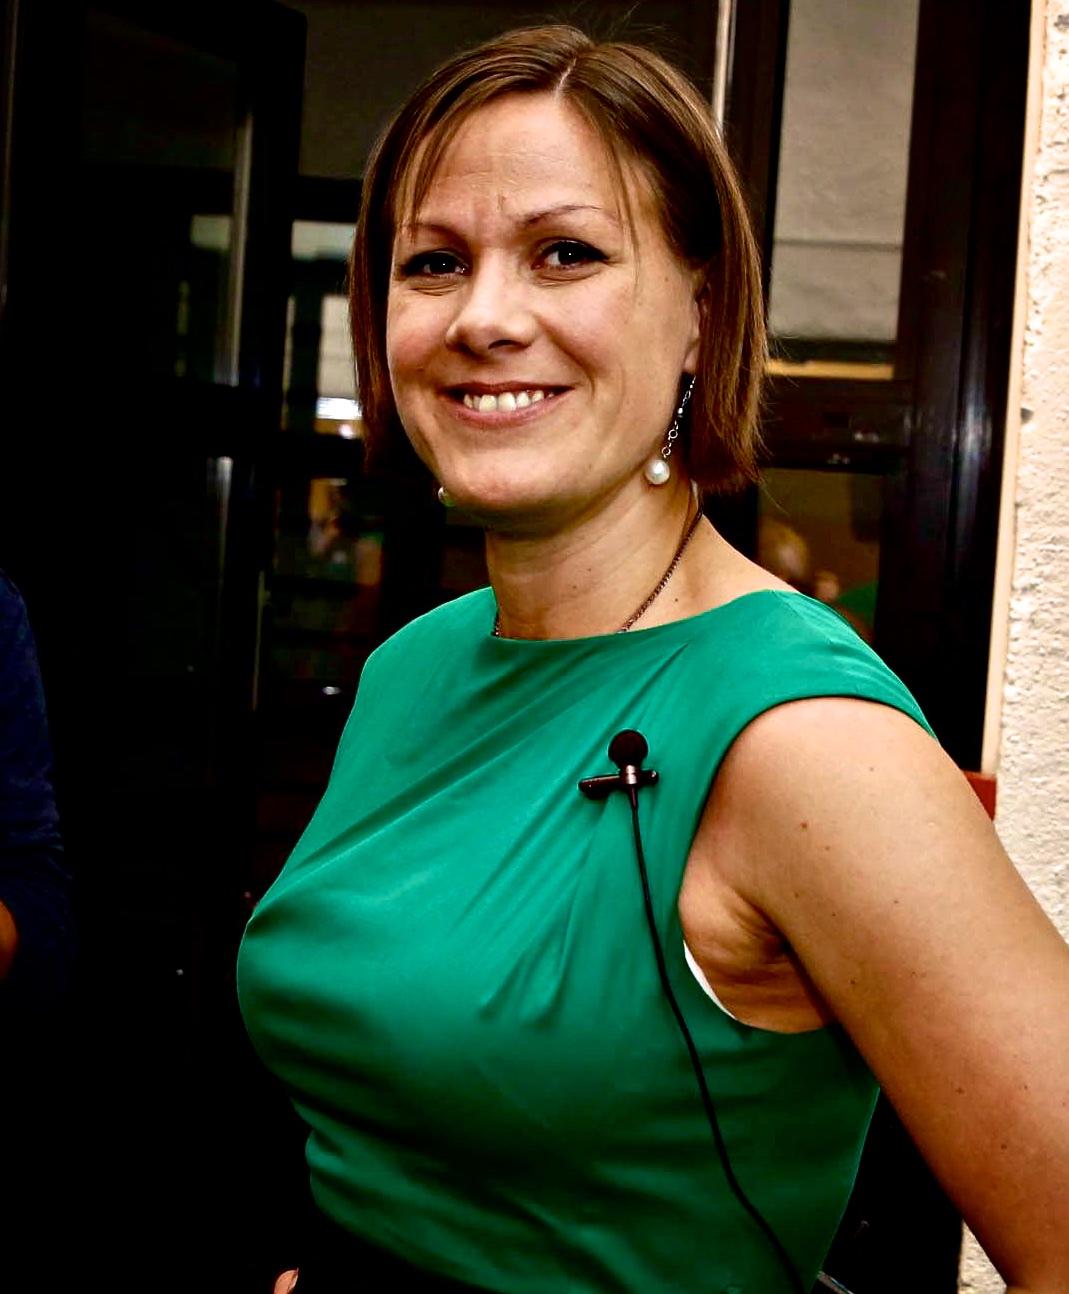 MDGs nasjonale talskvinne er kjøtteter av rang. Byttet ut veganmeny hun selv innførte på rådhuset til braisert oksehale på Brasserie Hansken.